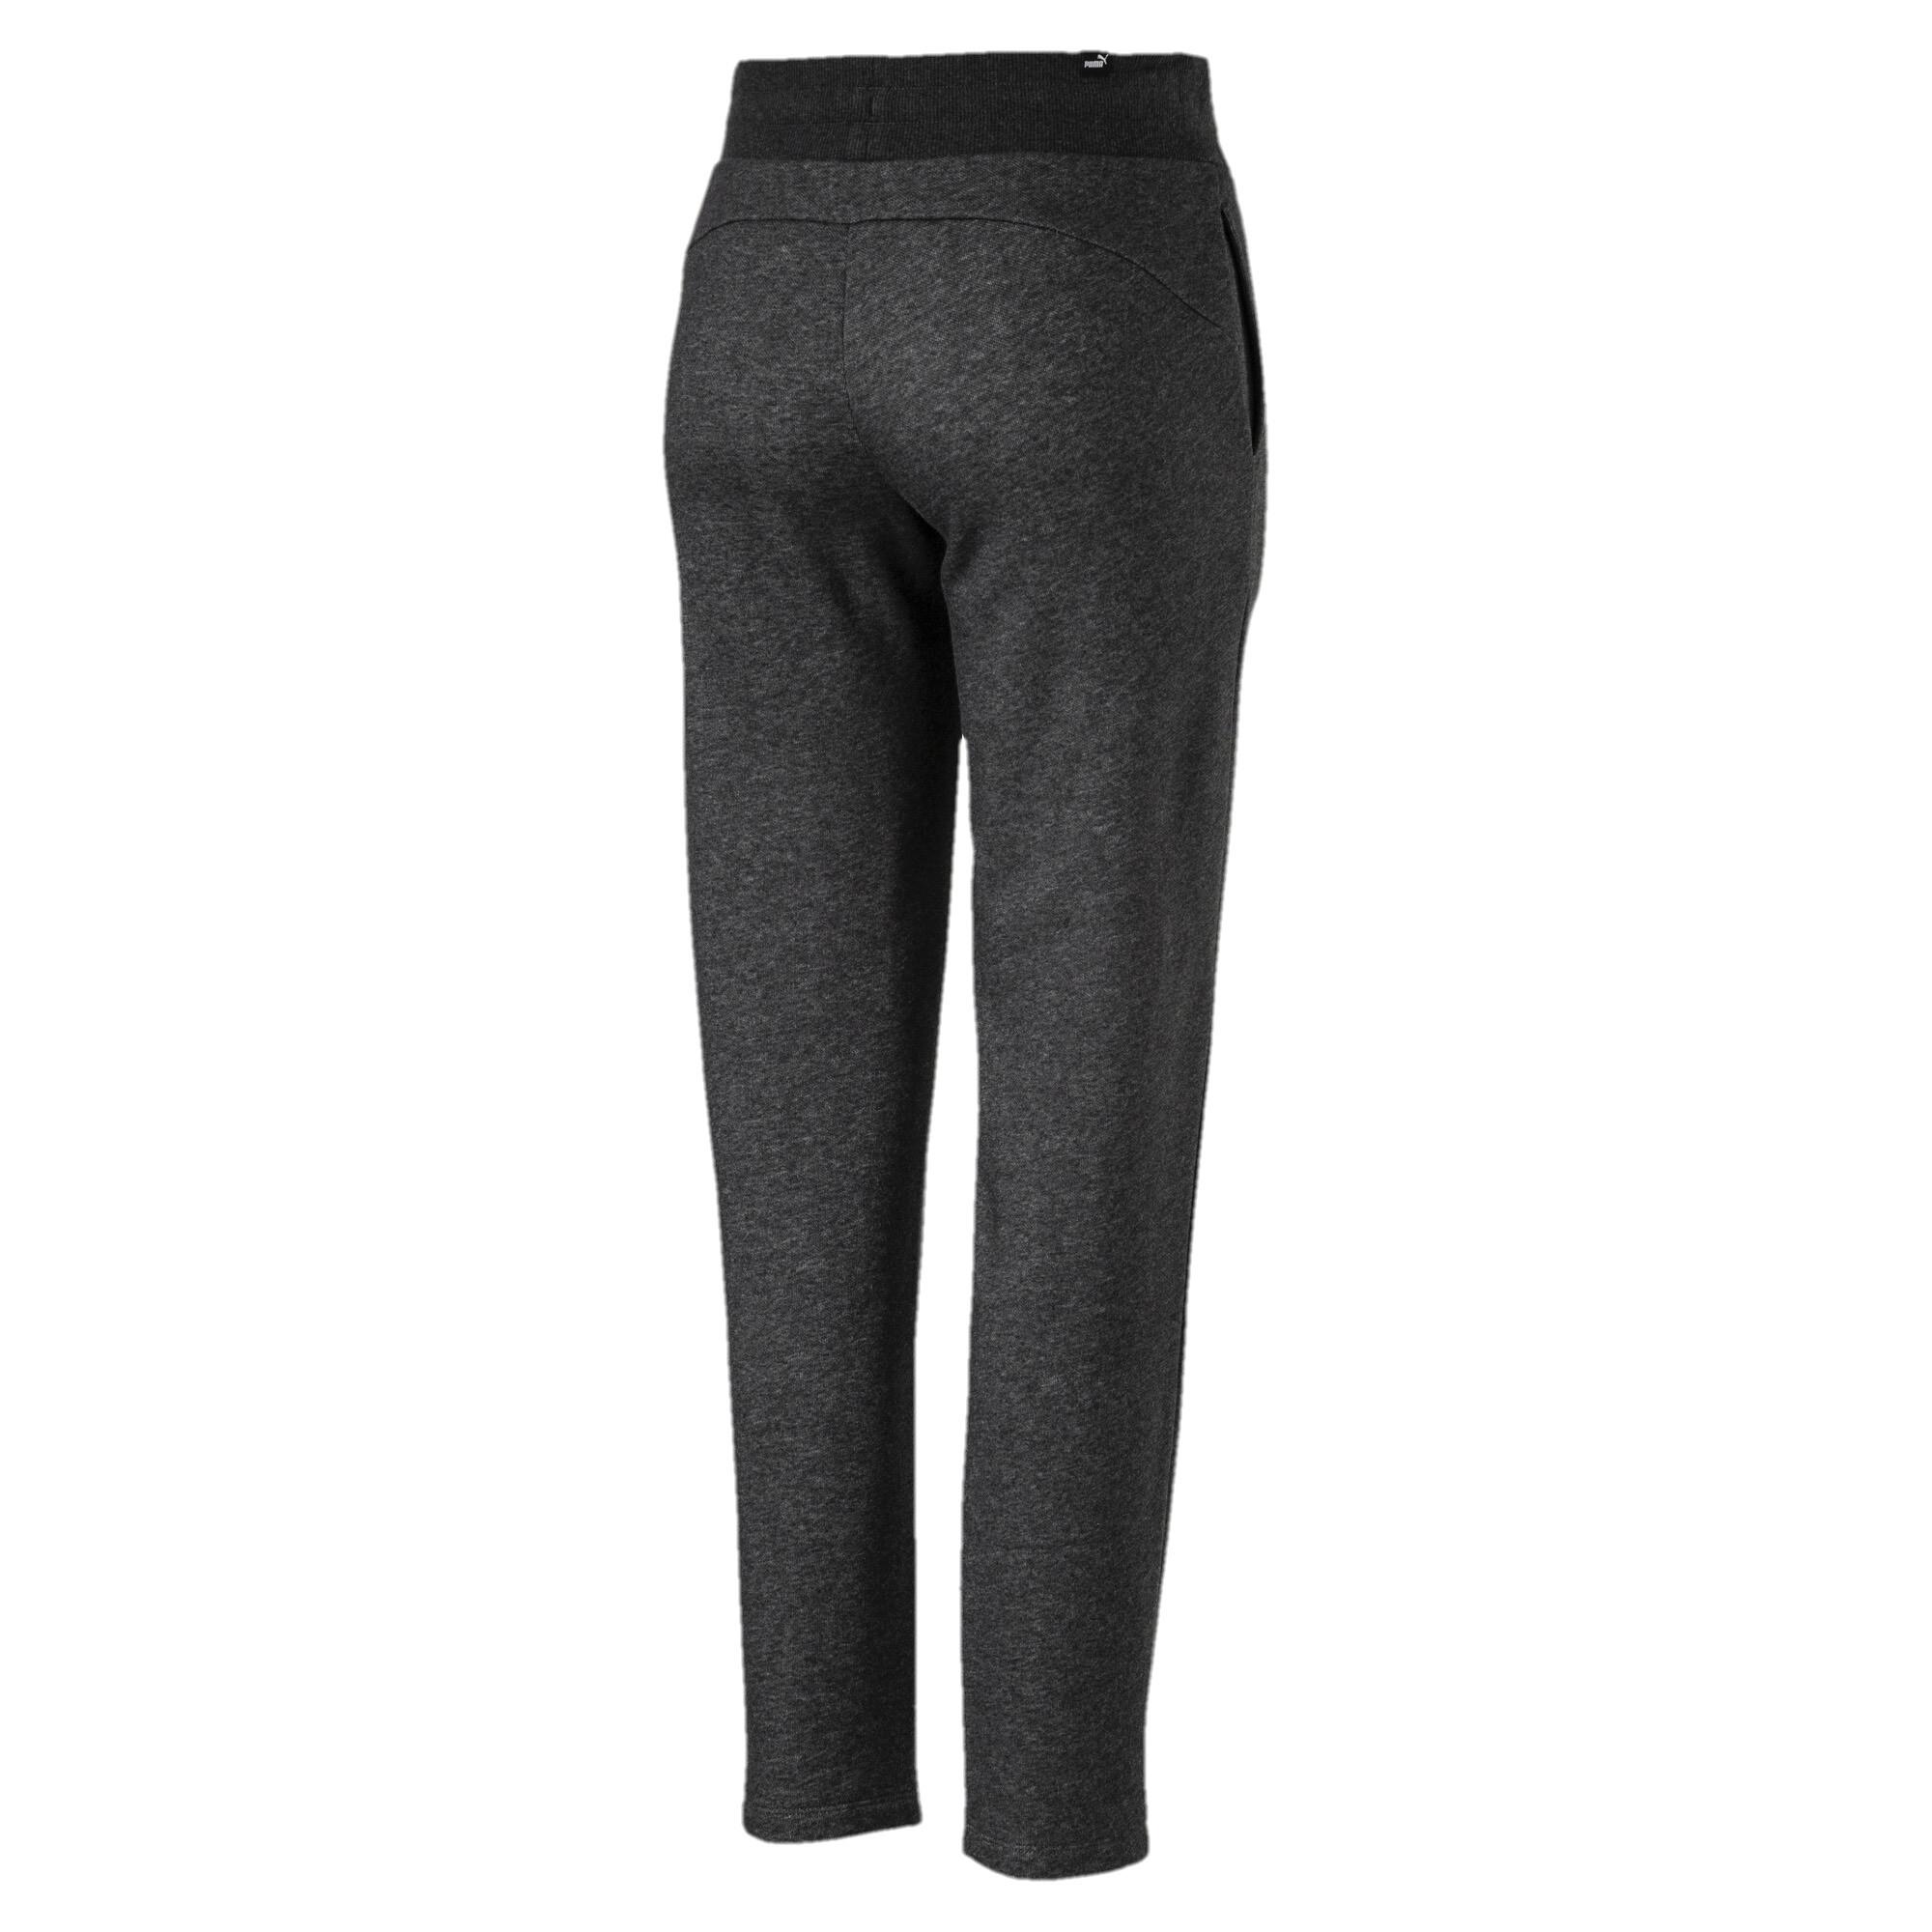 PUMA-Essentials-Fleece-Women-039-s-Knitted-Pants-Women-Knitted-Pants-Basics thumbnail 3